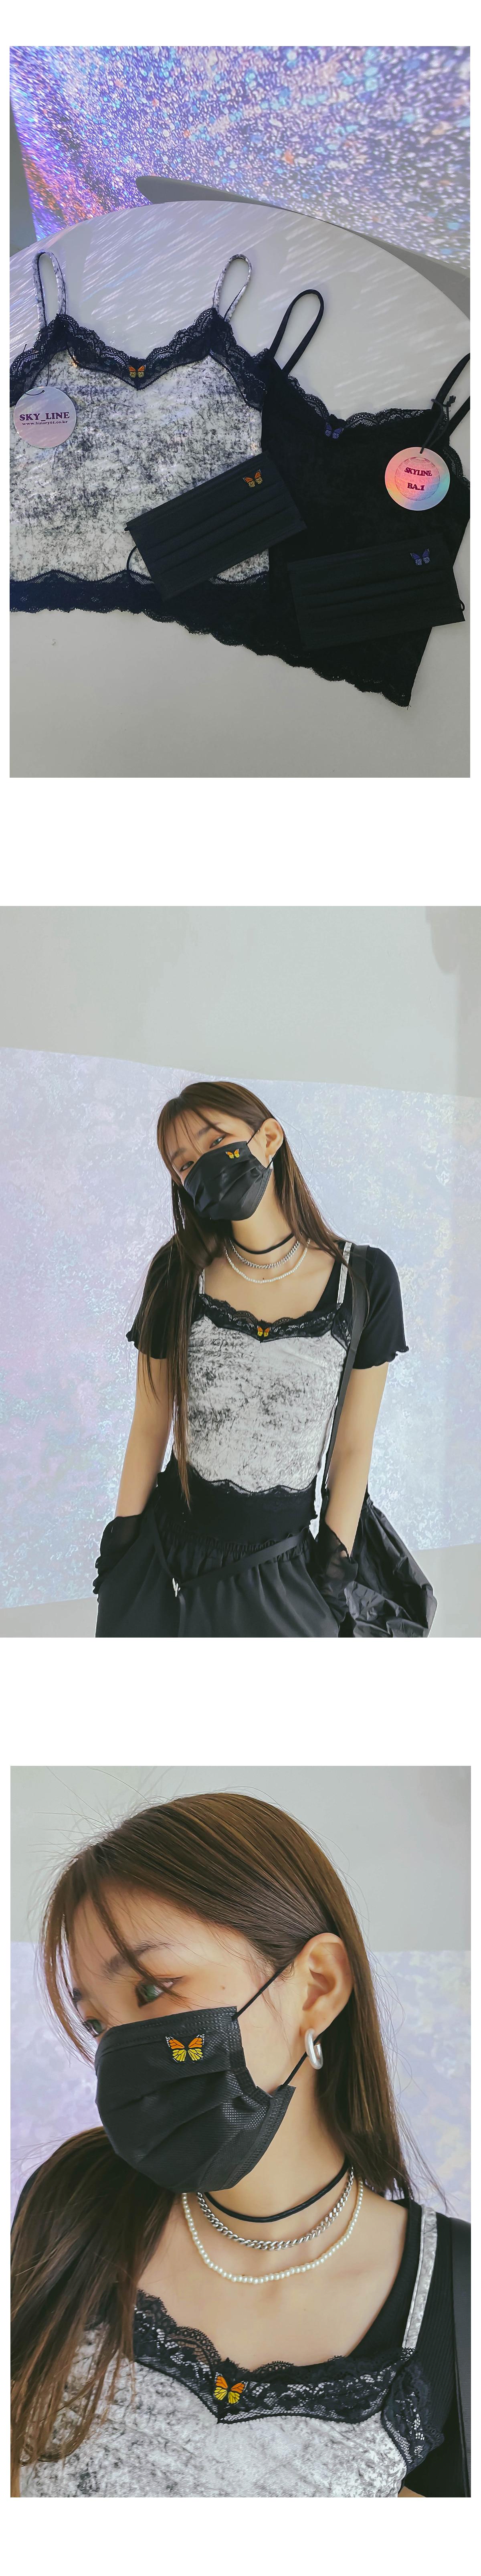 Tie-dye butterfly lace sleeveless